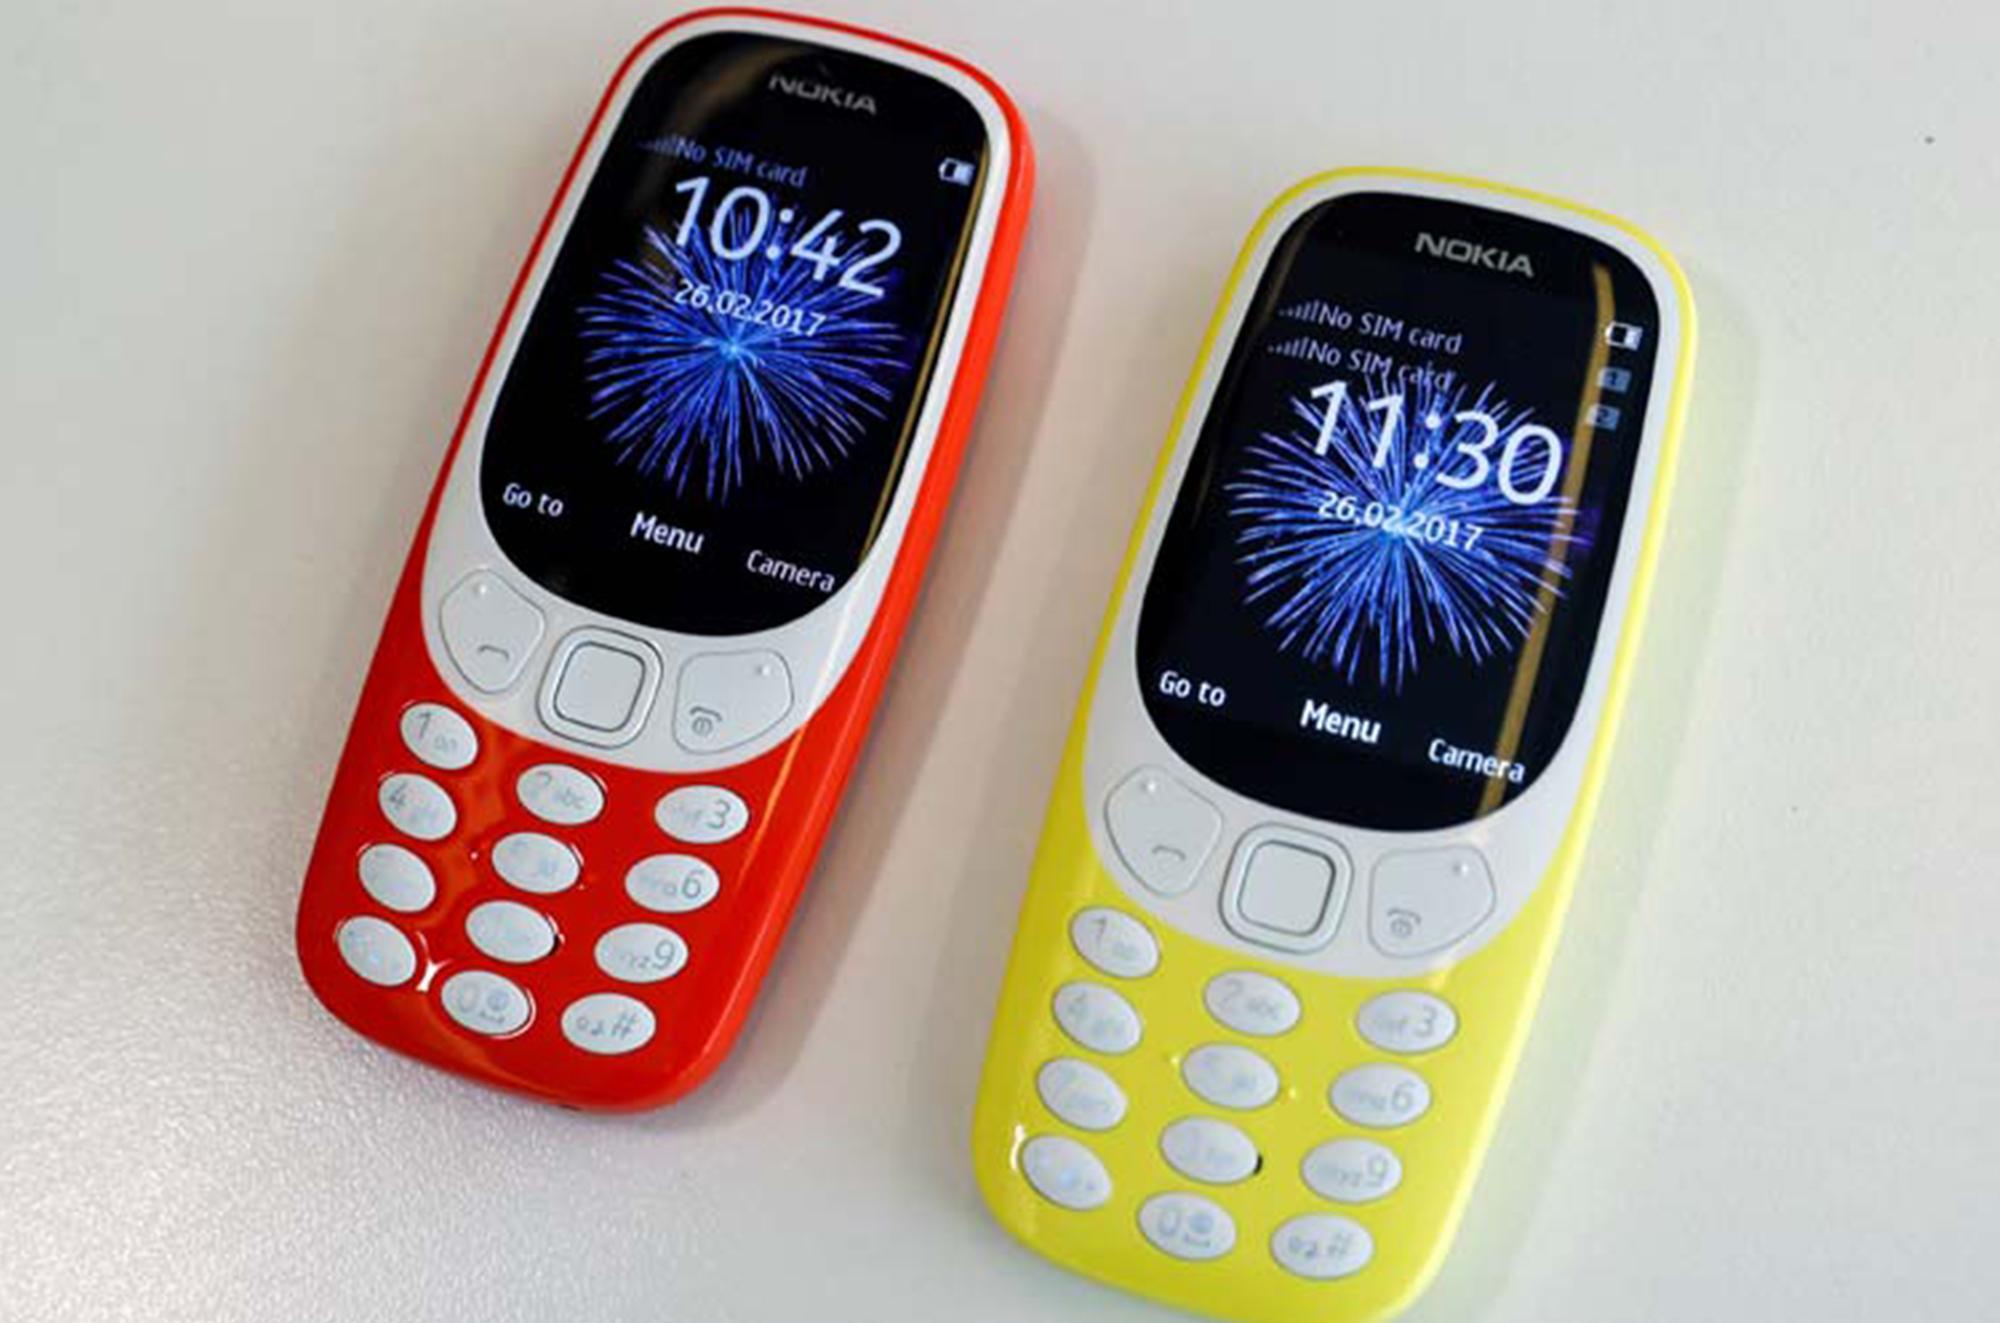 Nokia 3310 - legenda među telefonima se vraća!